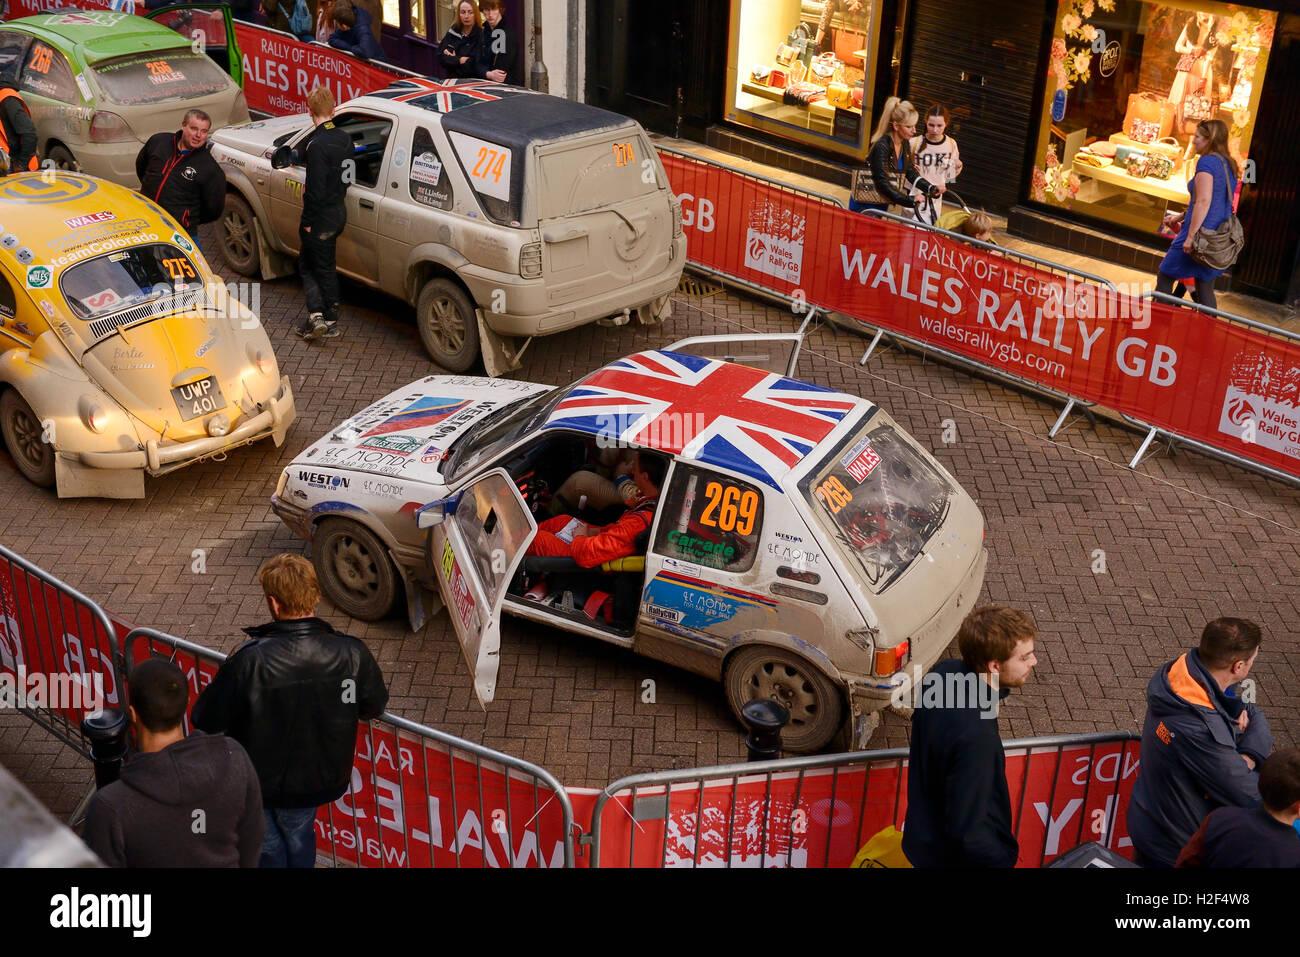 Chester, Reino Unido. 28 de octubre de 2016. El Rallye de Gales GB. Al final del día, coches compitiendo en Imagen De Stock